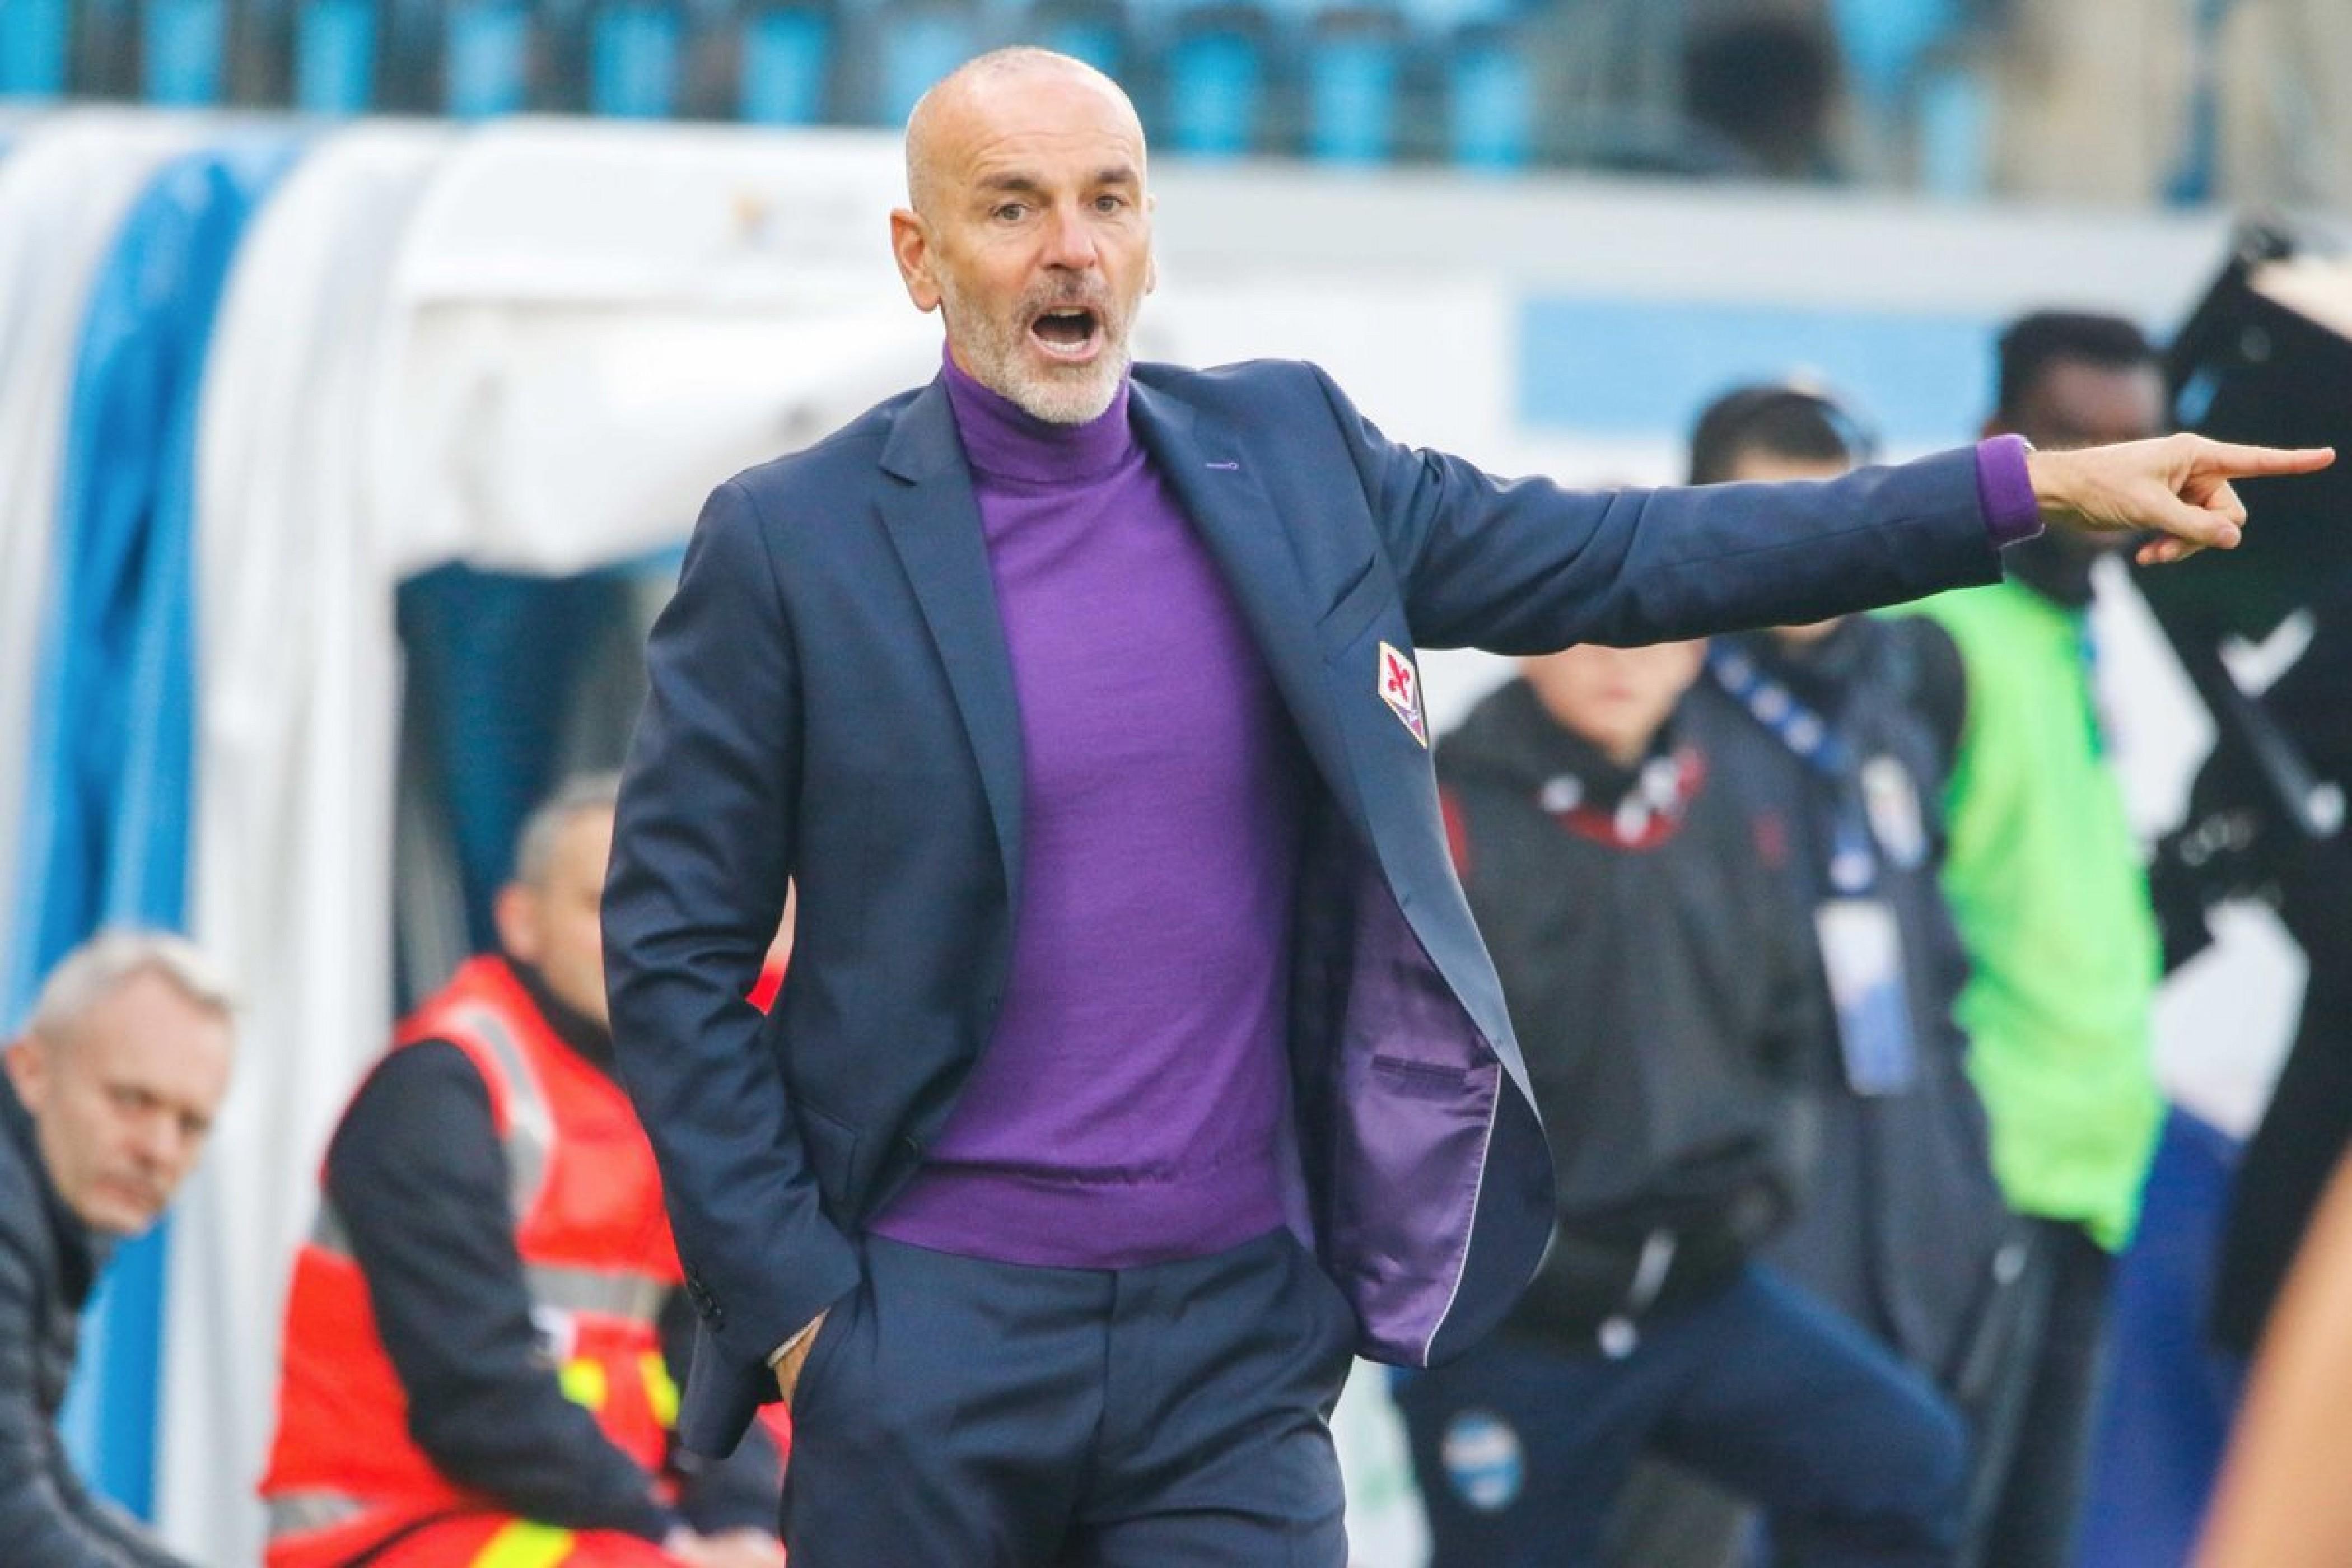 """Fiorentina - Pioli: """"Loro stanno bene, ci saranno 2-3 cambi rispetto alla scorsa sfida"""""""